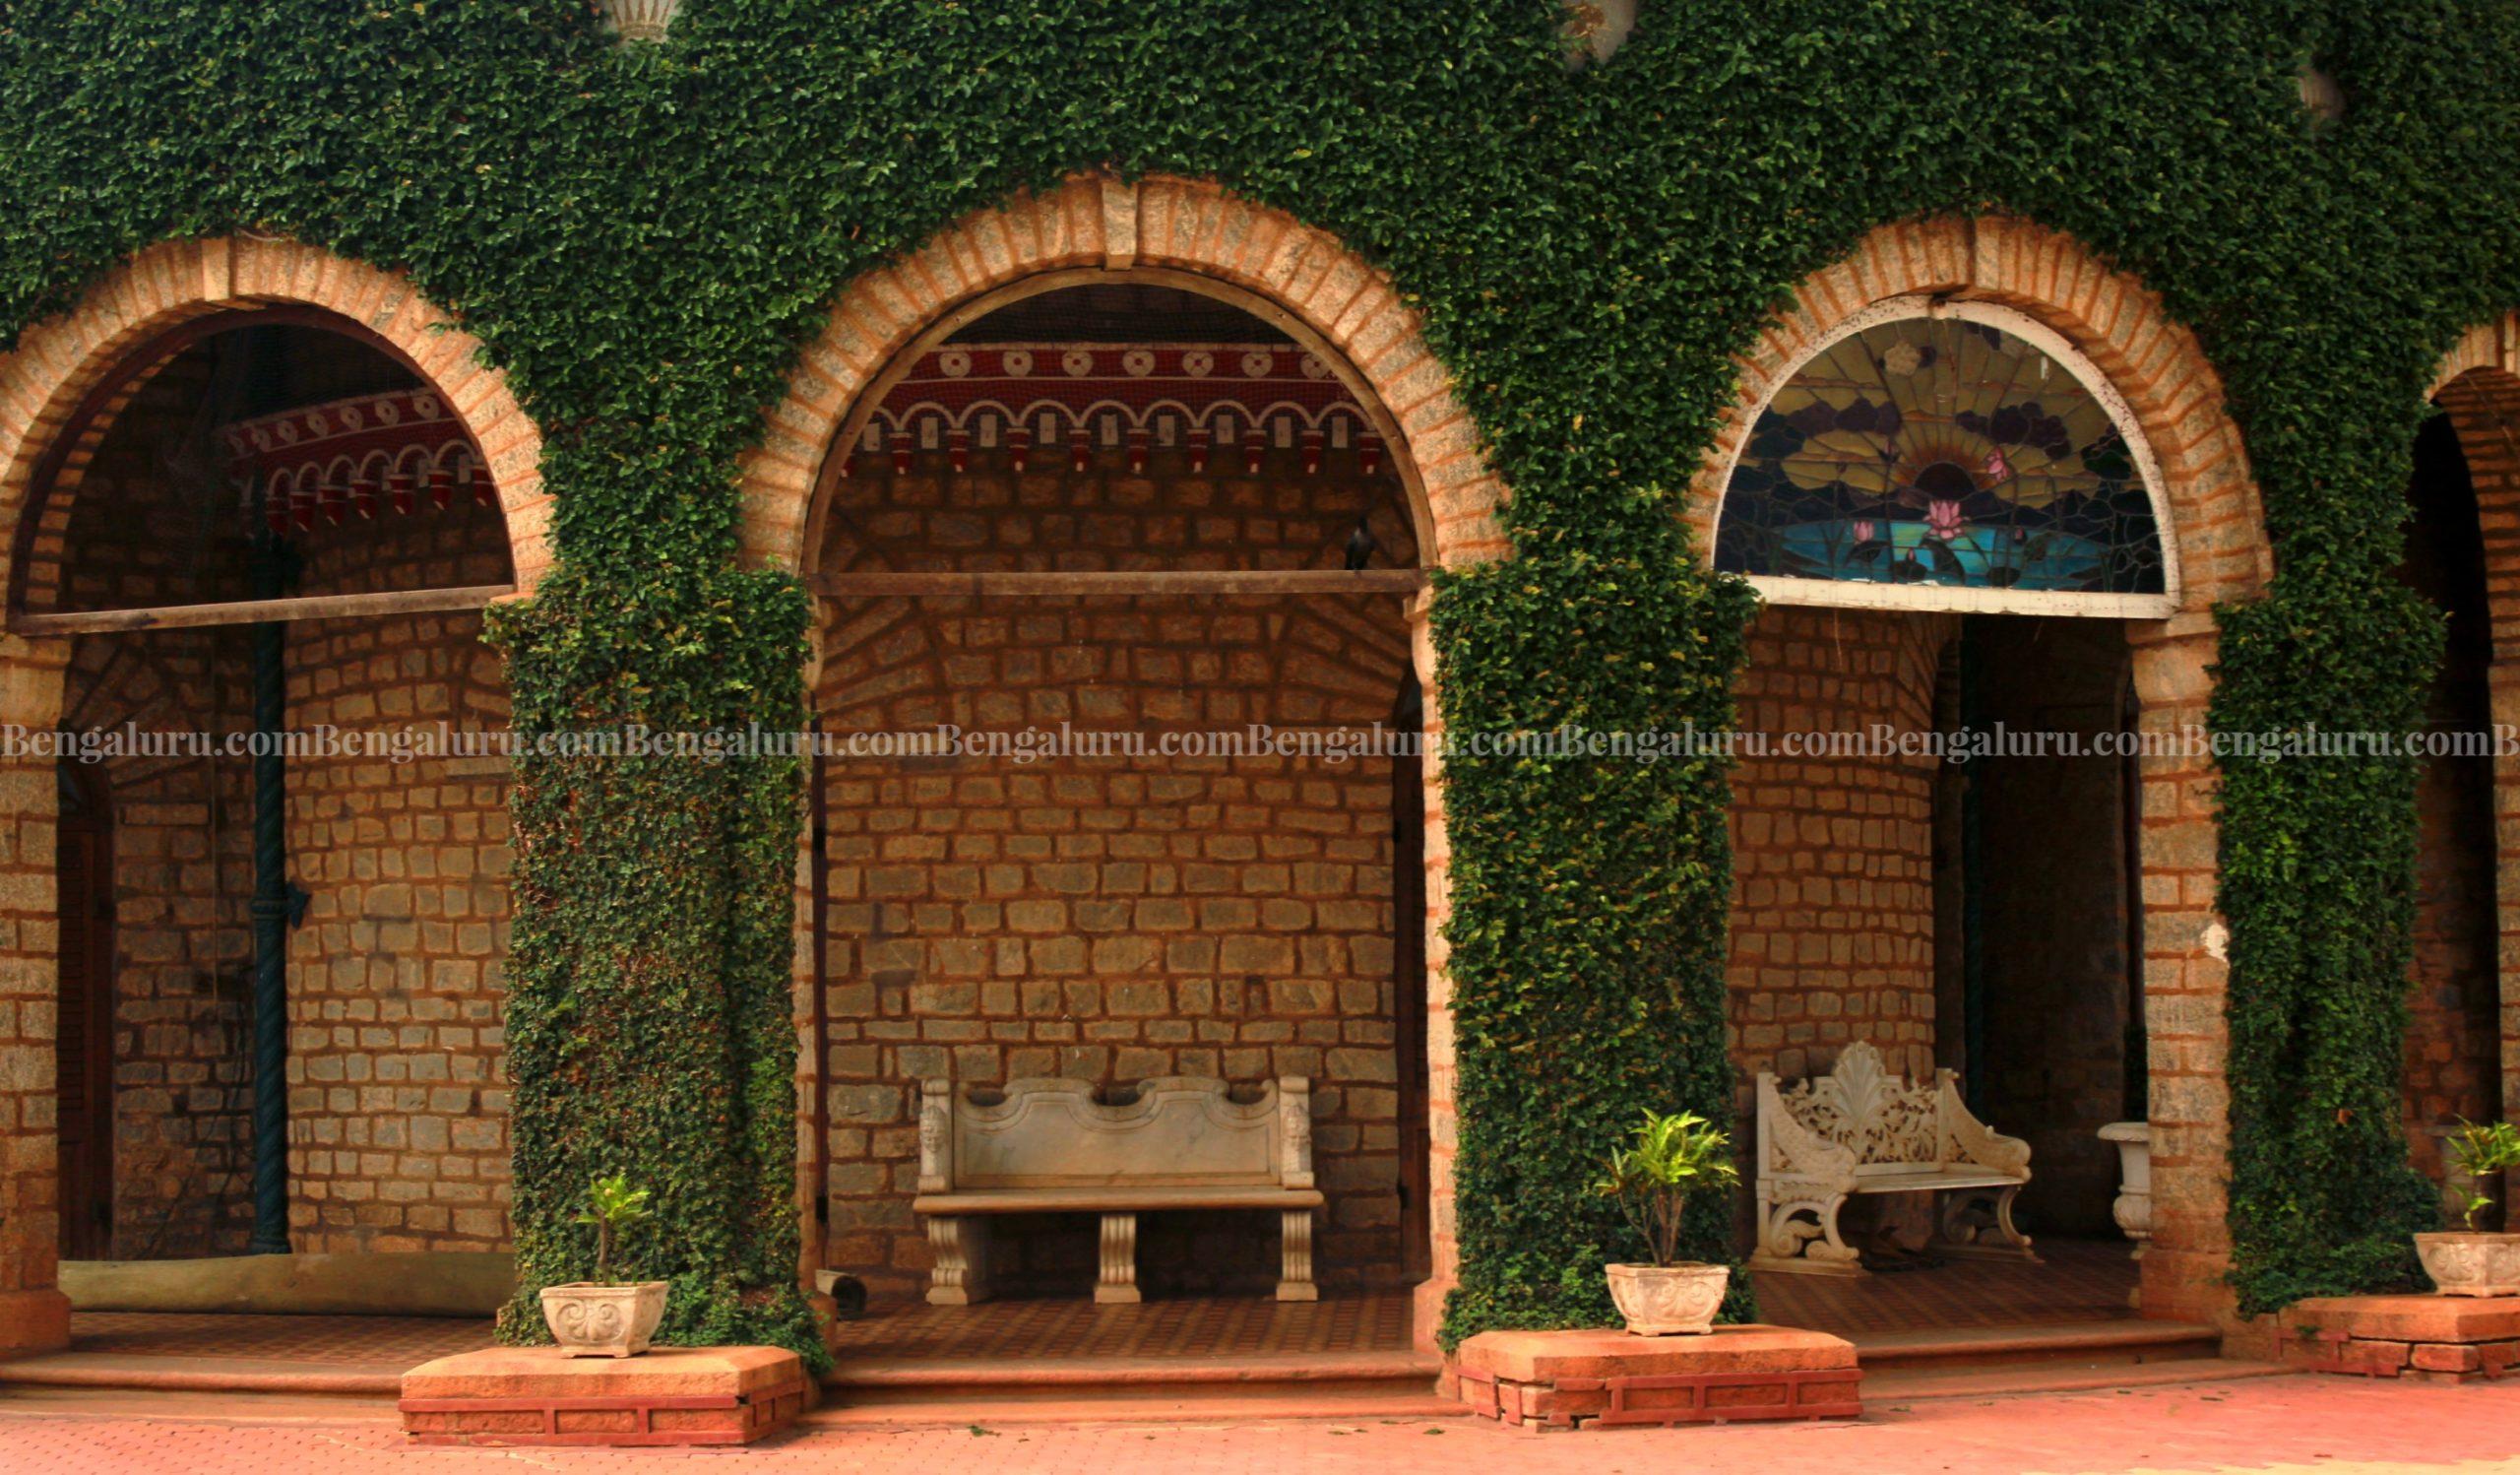 Bengaluru Palace Exterior